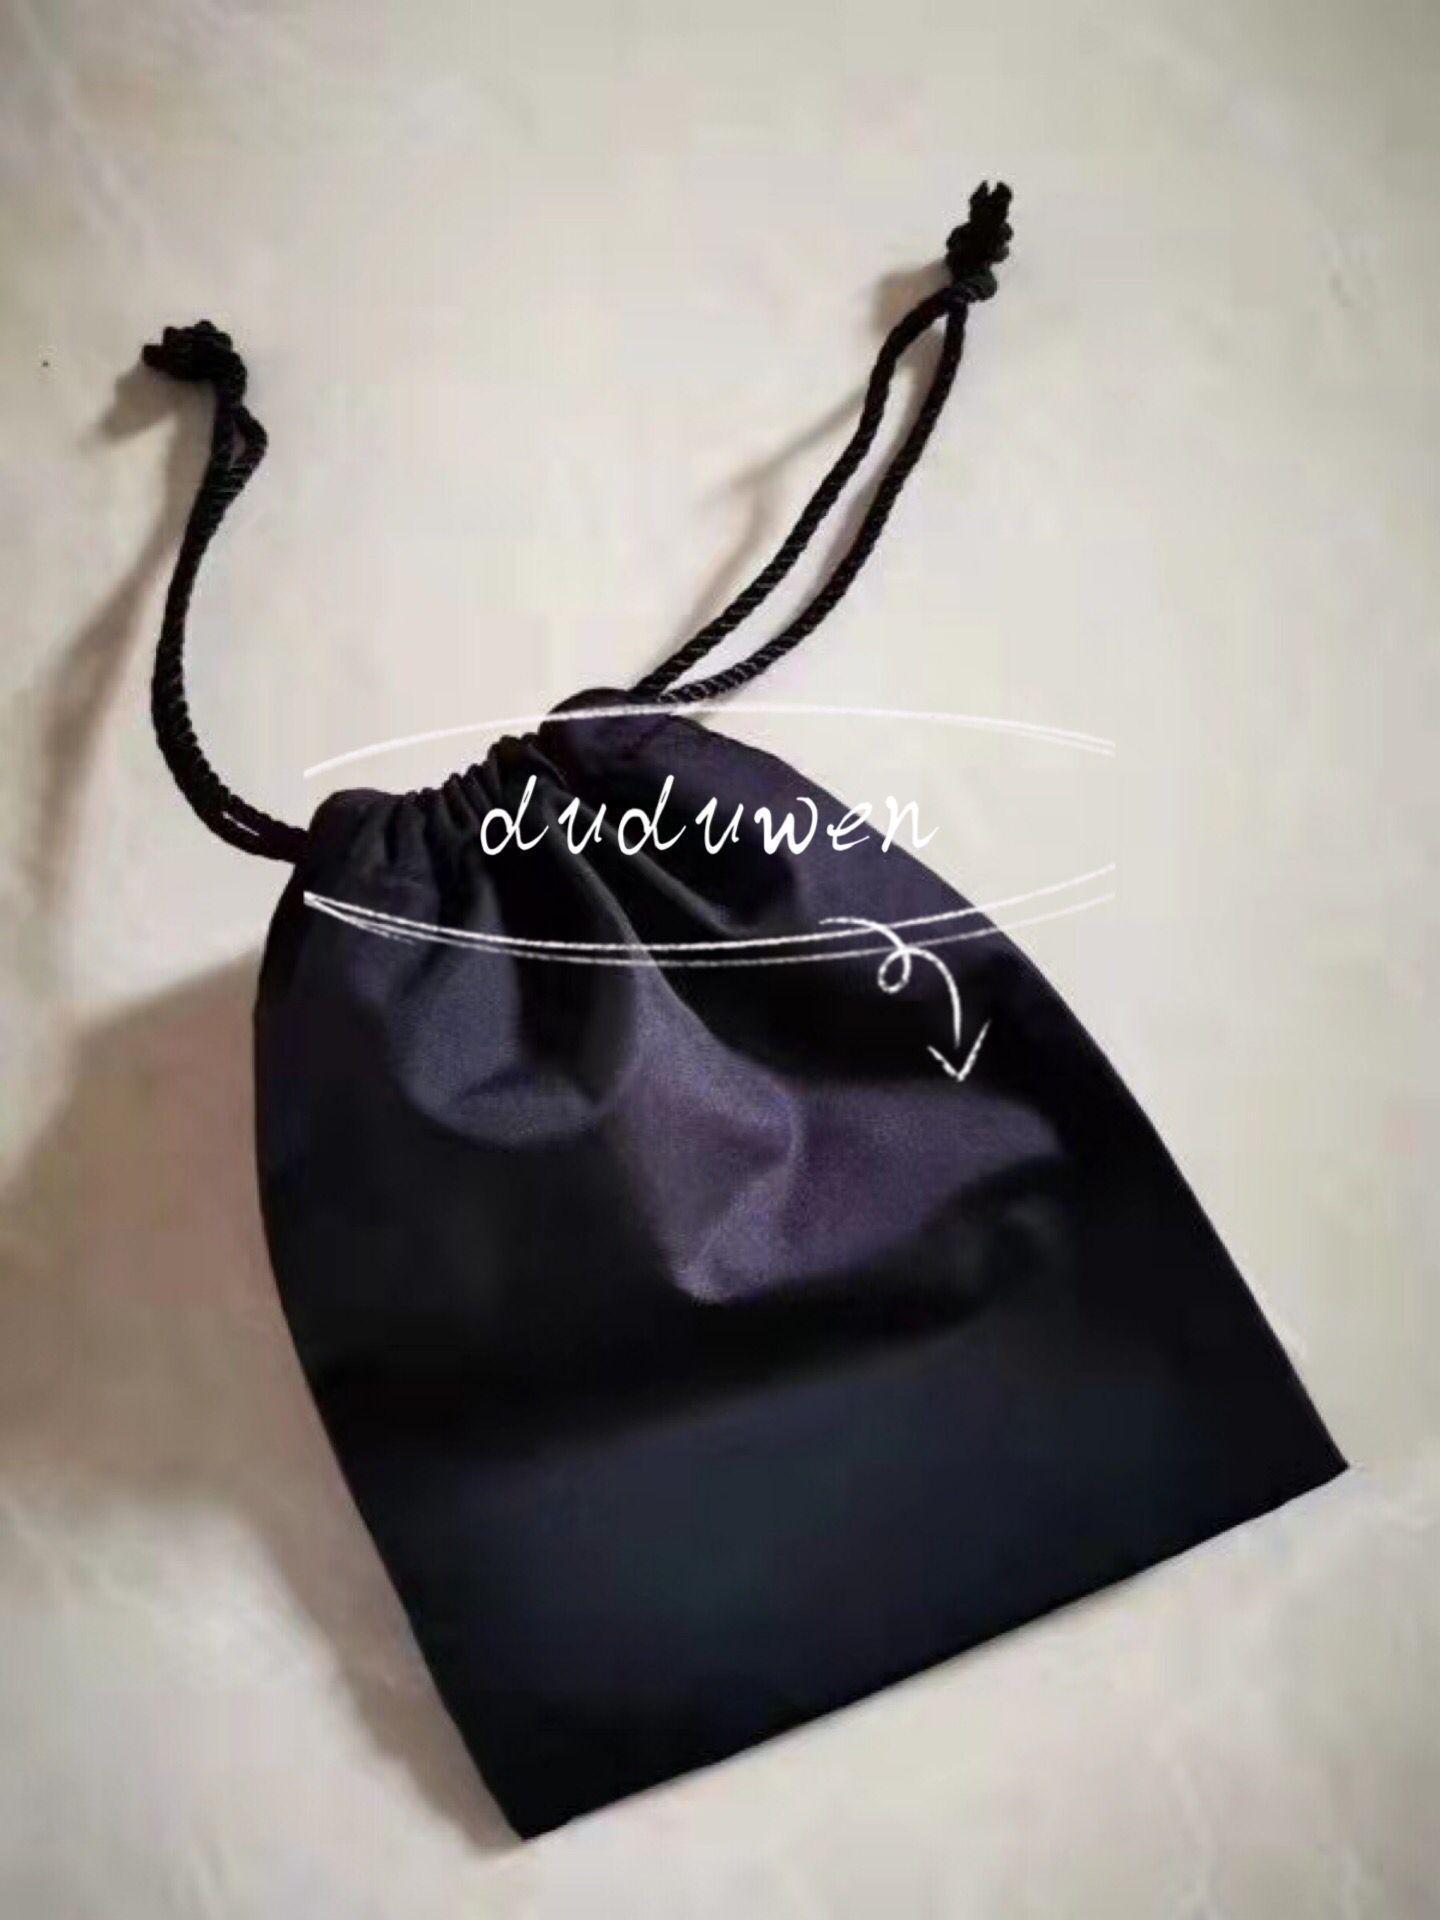 11.5x15 سنتيمتر الأسود الحرير حقيبة الغبار الأزياء التعبئة حقيبة c vip حزمة سلسلة حقيبة للمجوهرات المطبوعة الحروف تخزين حالة نوعية جيدة